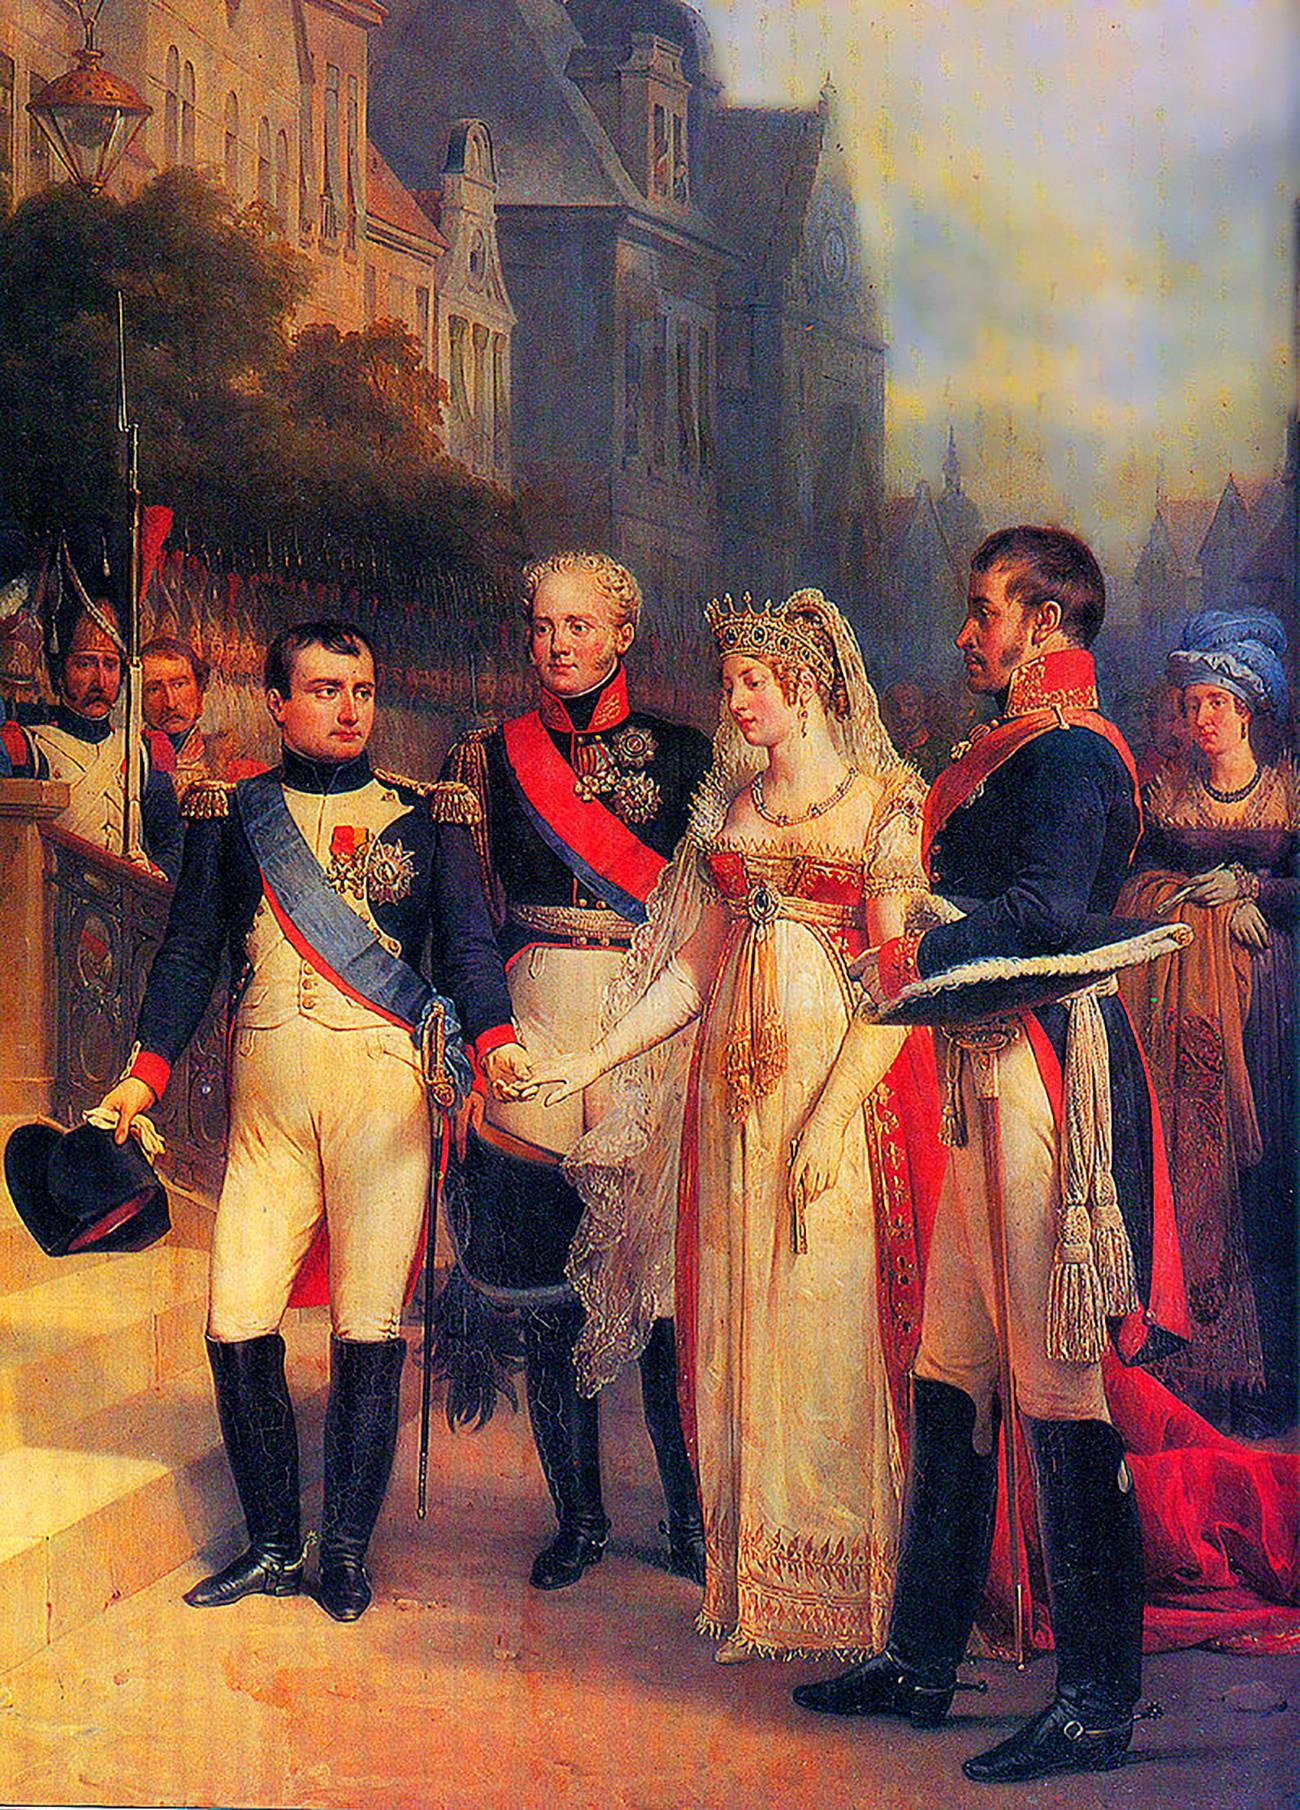 Наполеон I, Александр I, Луиза Пруска, Фридрих  III